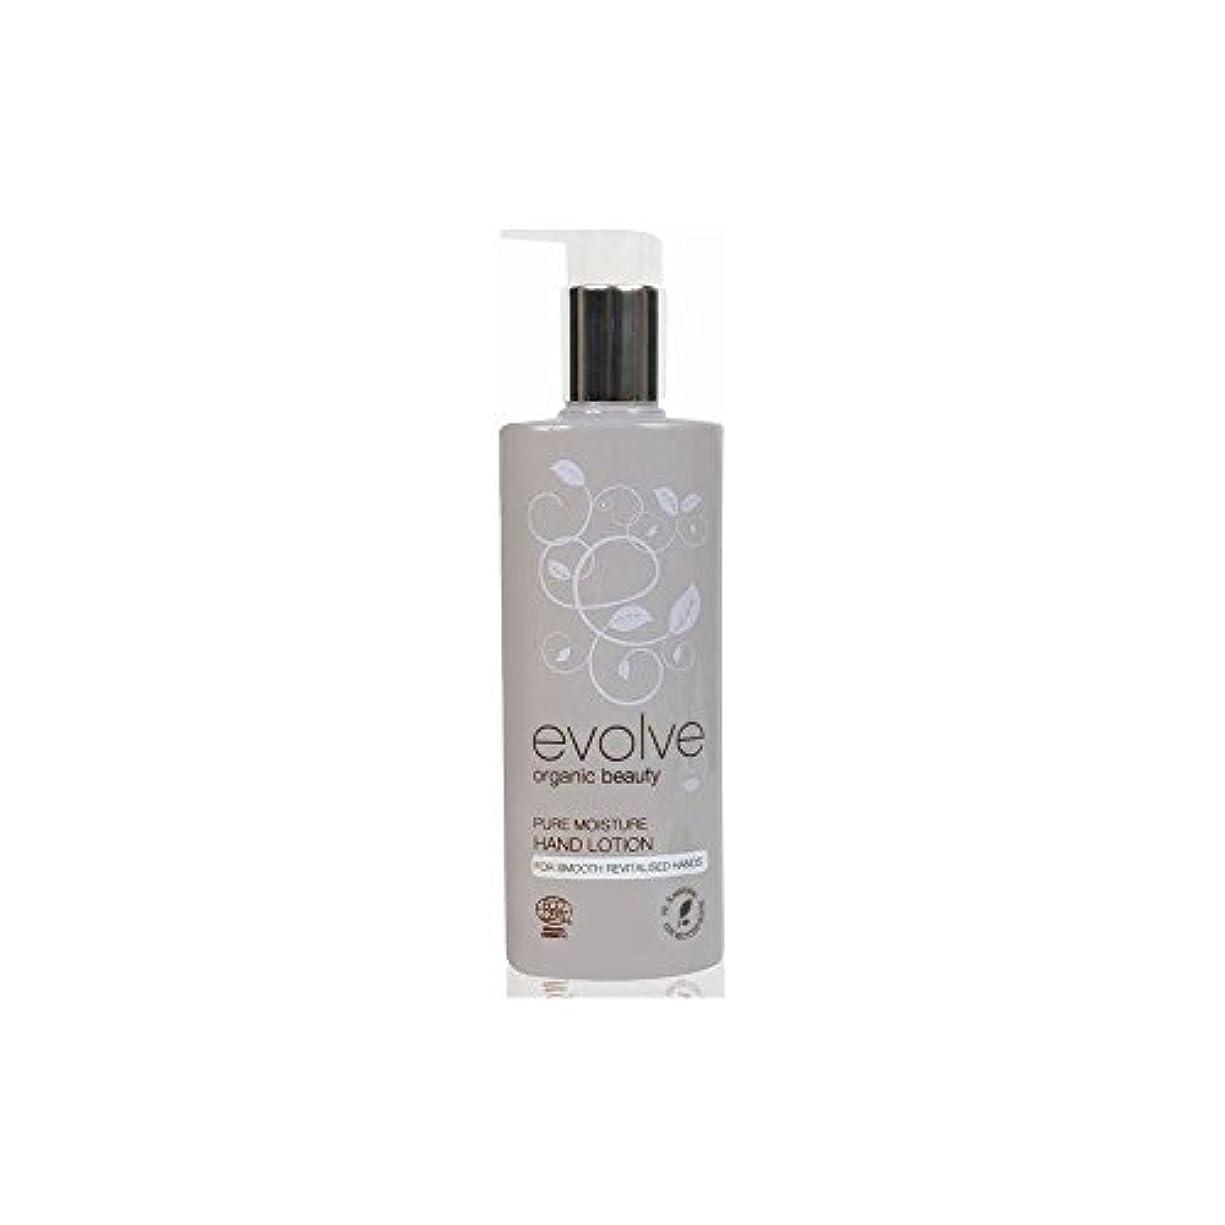 凝視機密テメリティ[Evolve Organic Beauty] 有機美しさ、純粋な水分ハンドローション(200ミリリットル)を進化させます - Evolve Organic Beauty Pure Moisture Hand Lotion...